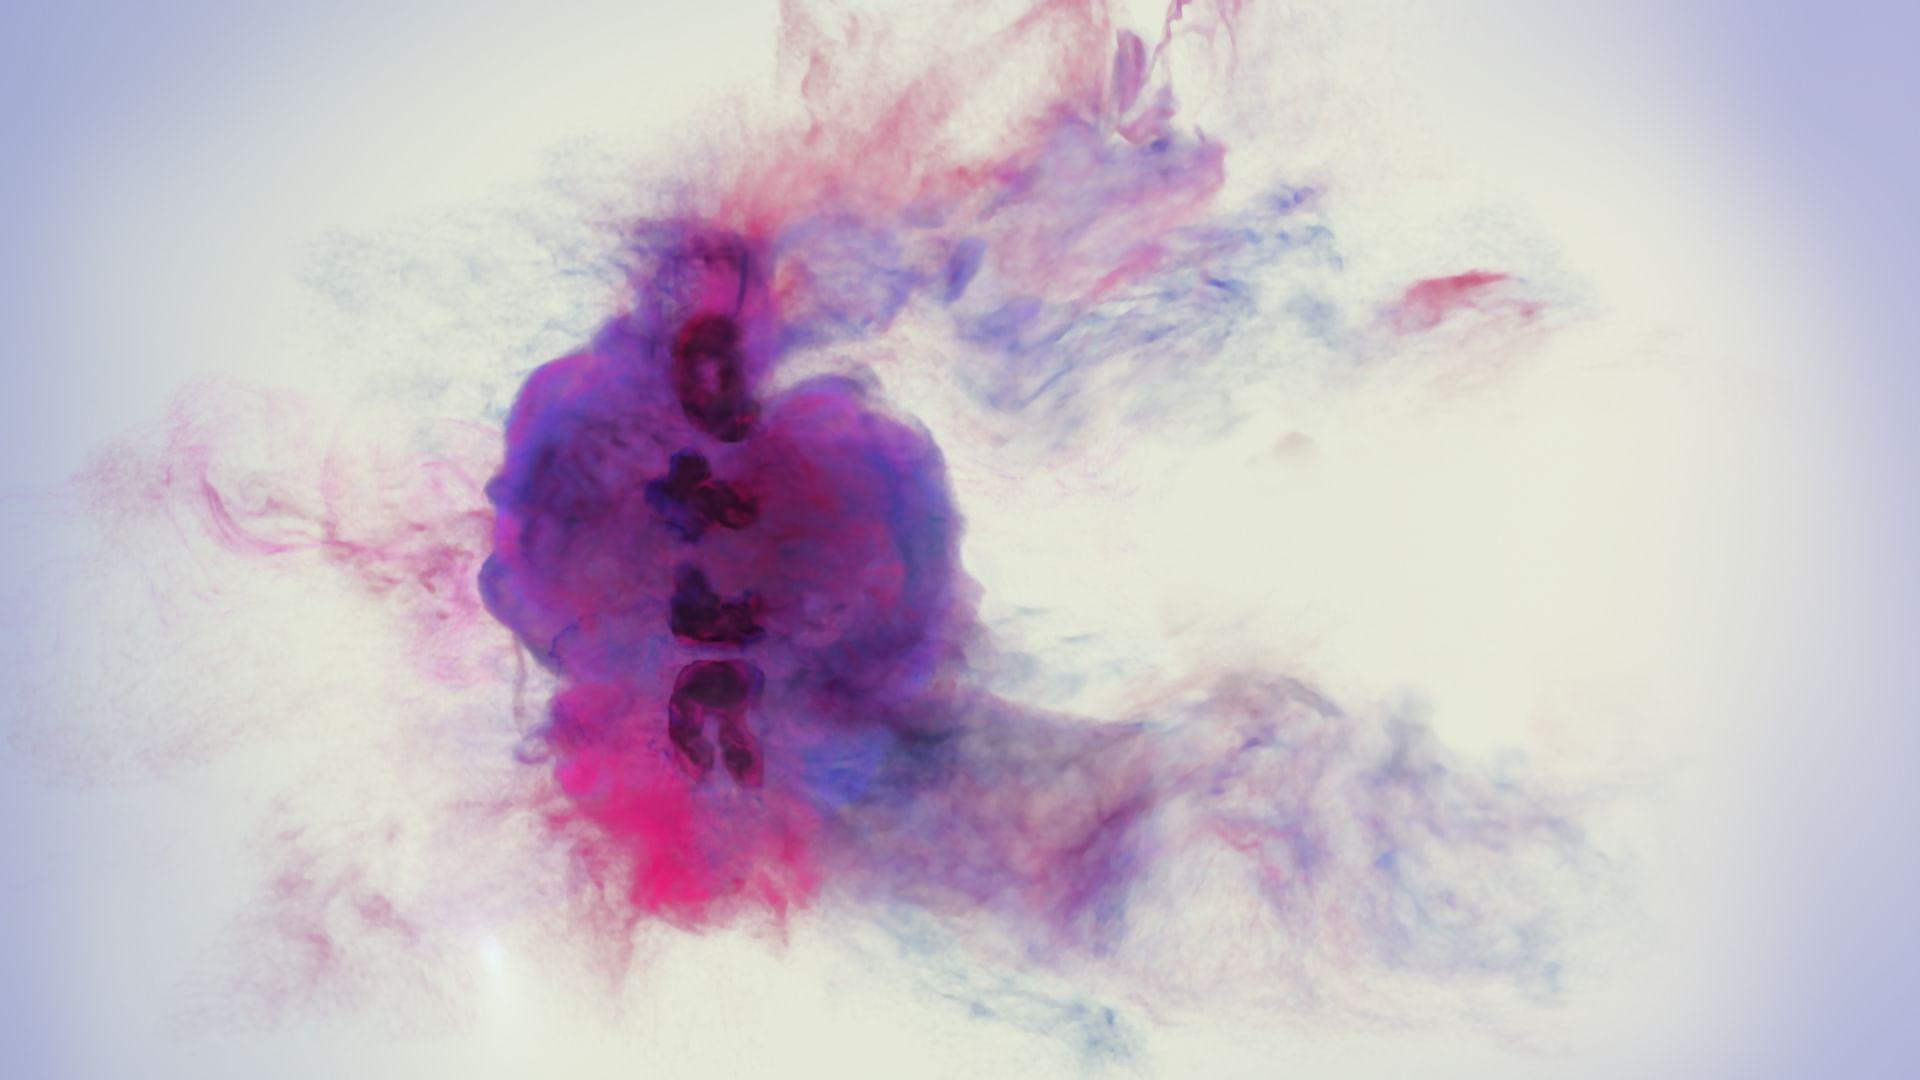 Bienvenue dans l'antre du metal